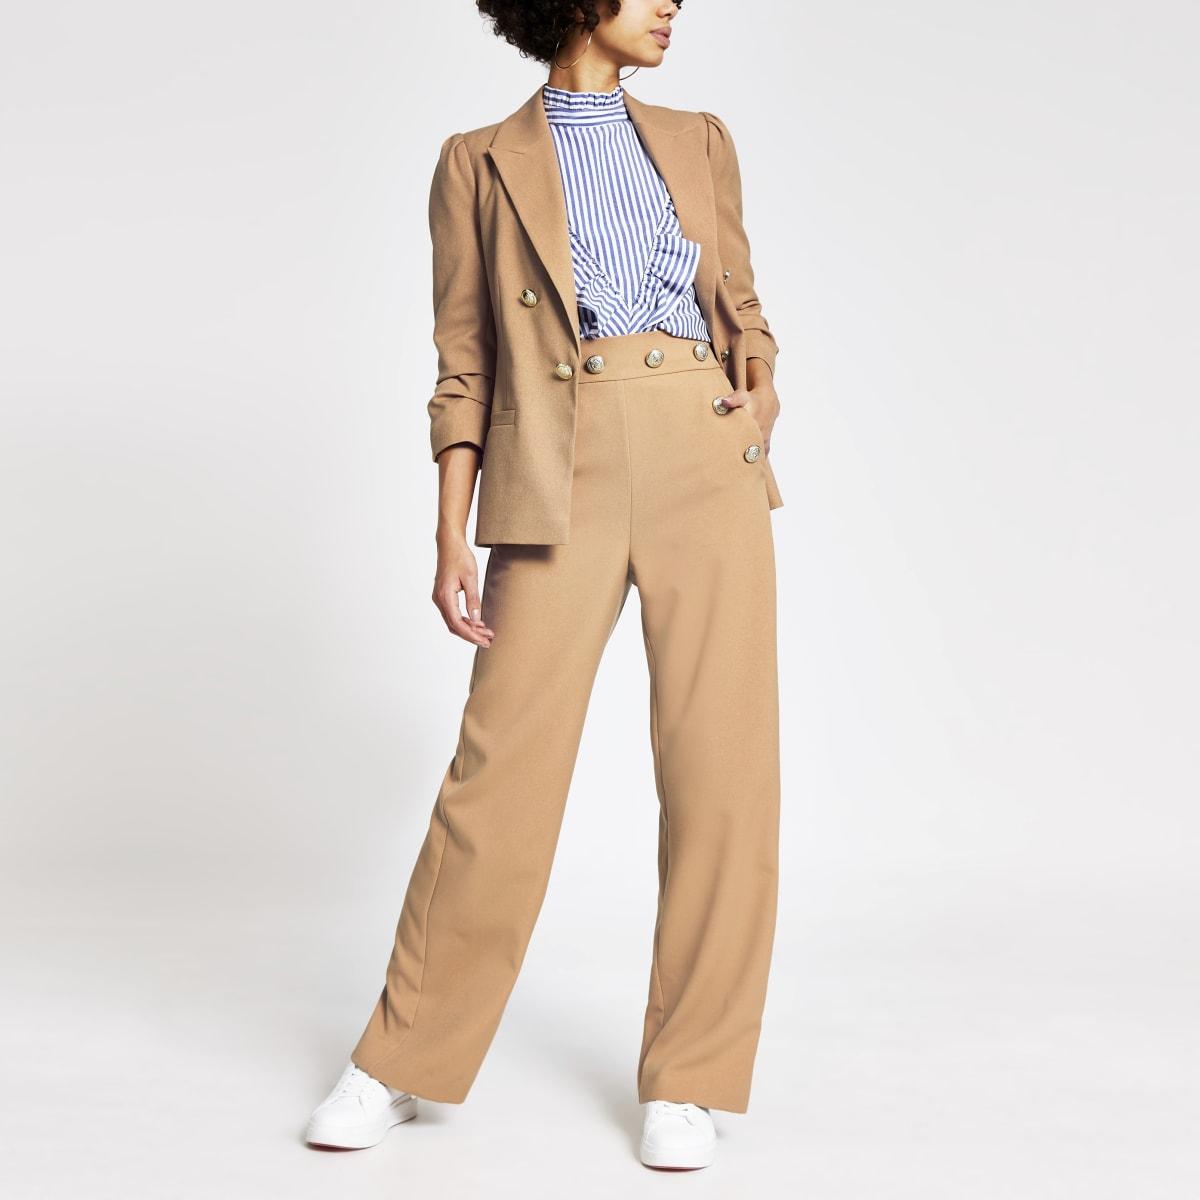 Beige button high waist wide leg trousers